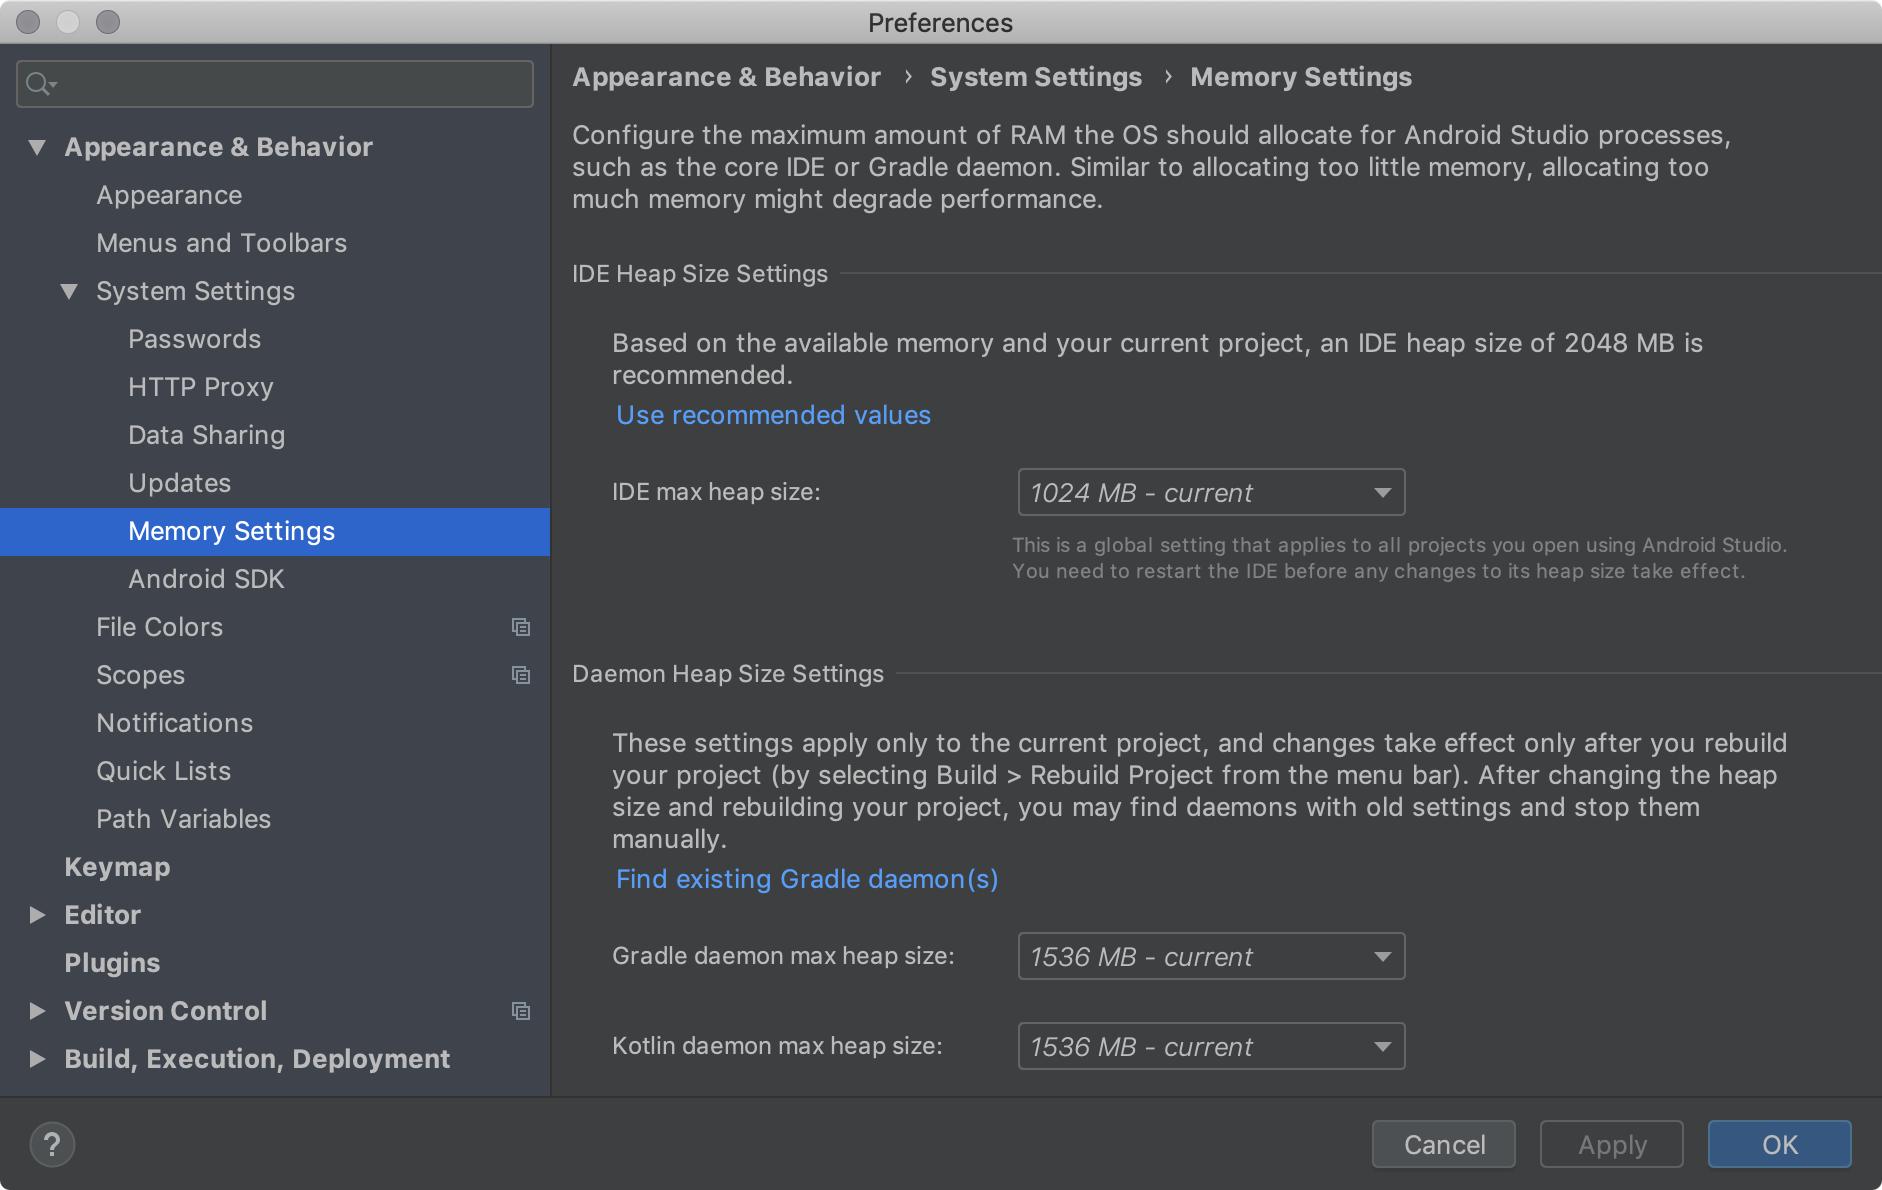 Configuración de memoria, que te permite establecer la cantidad máxima de RAM para los procesos de AndroidStudio